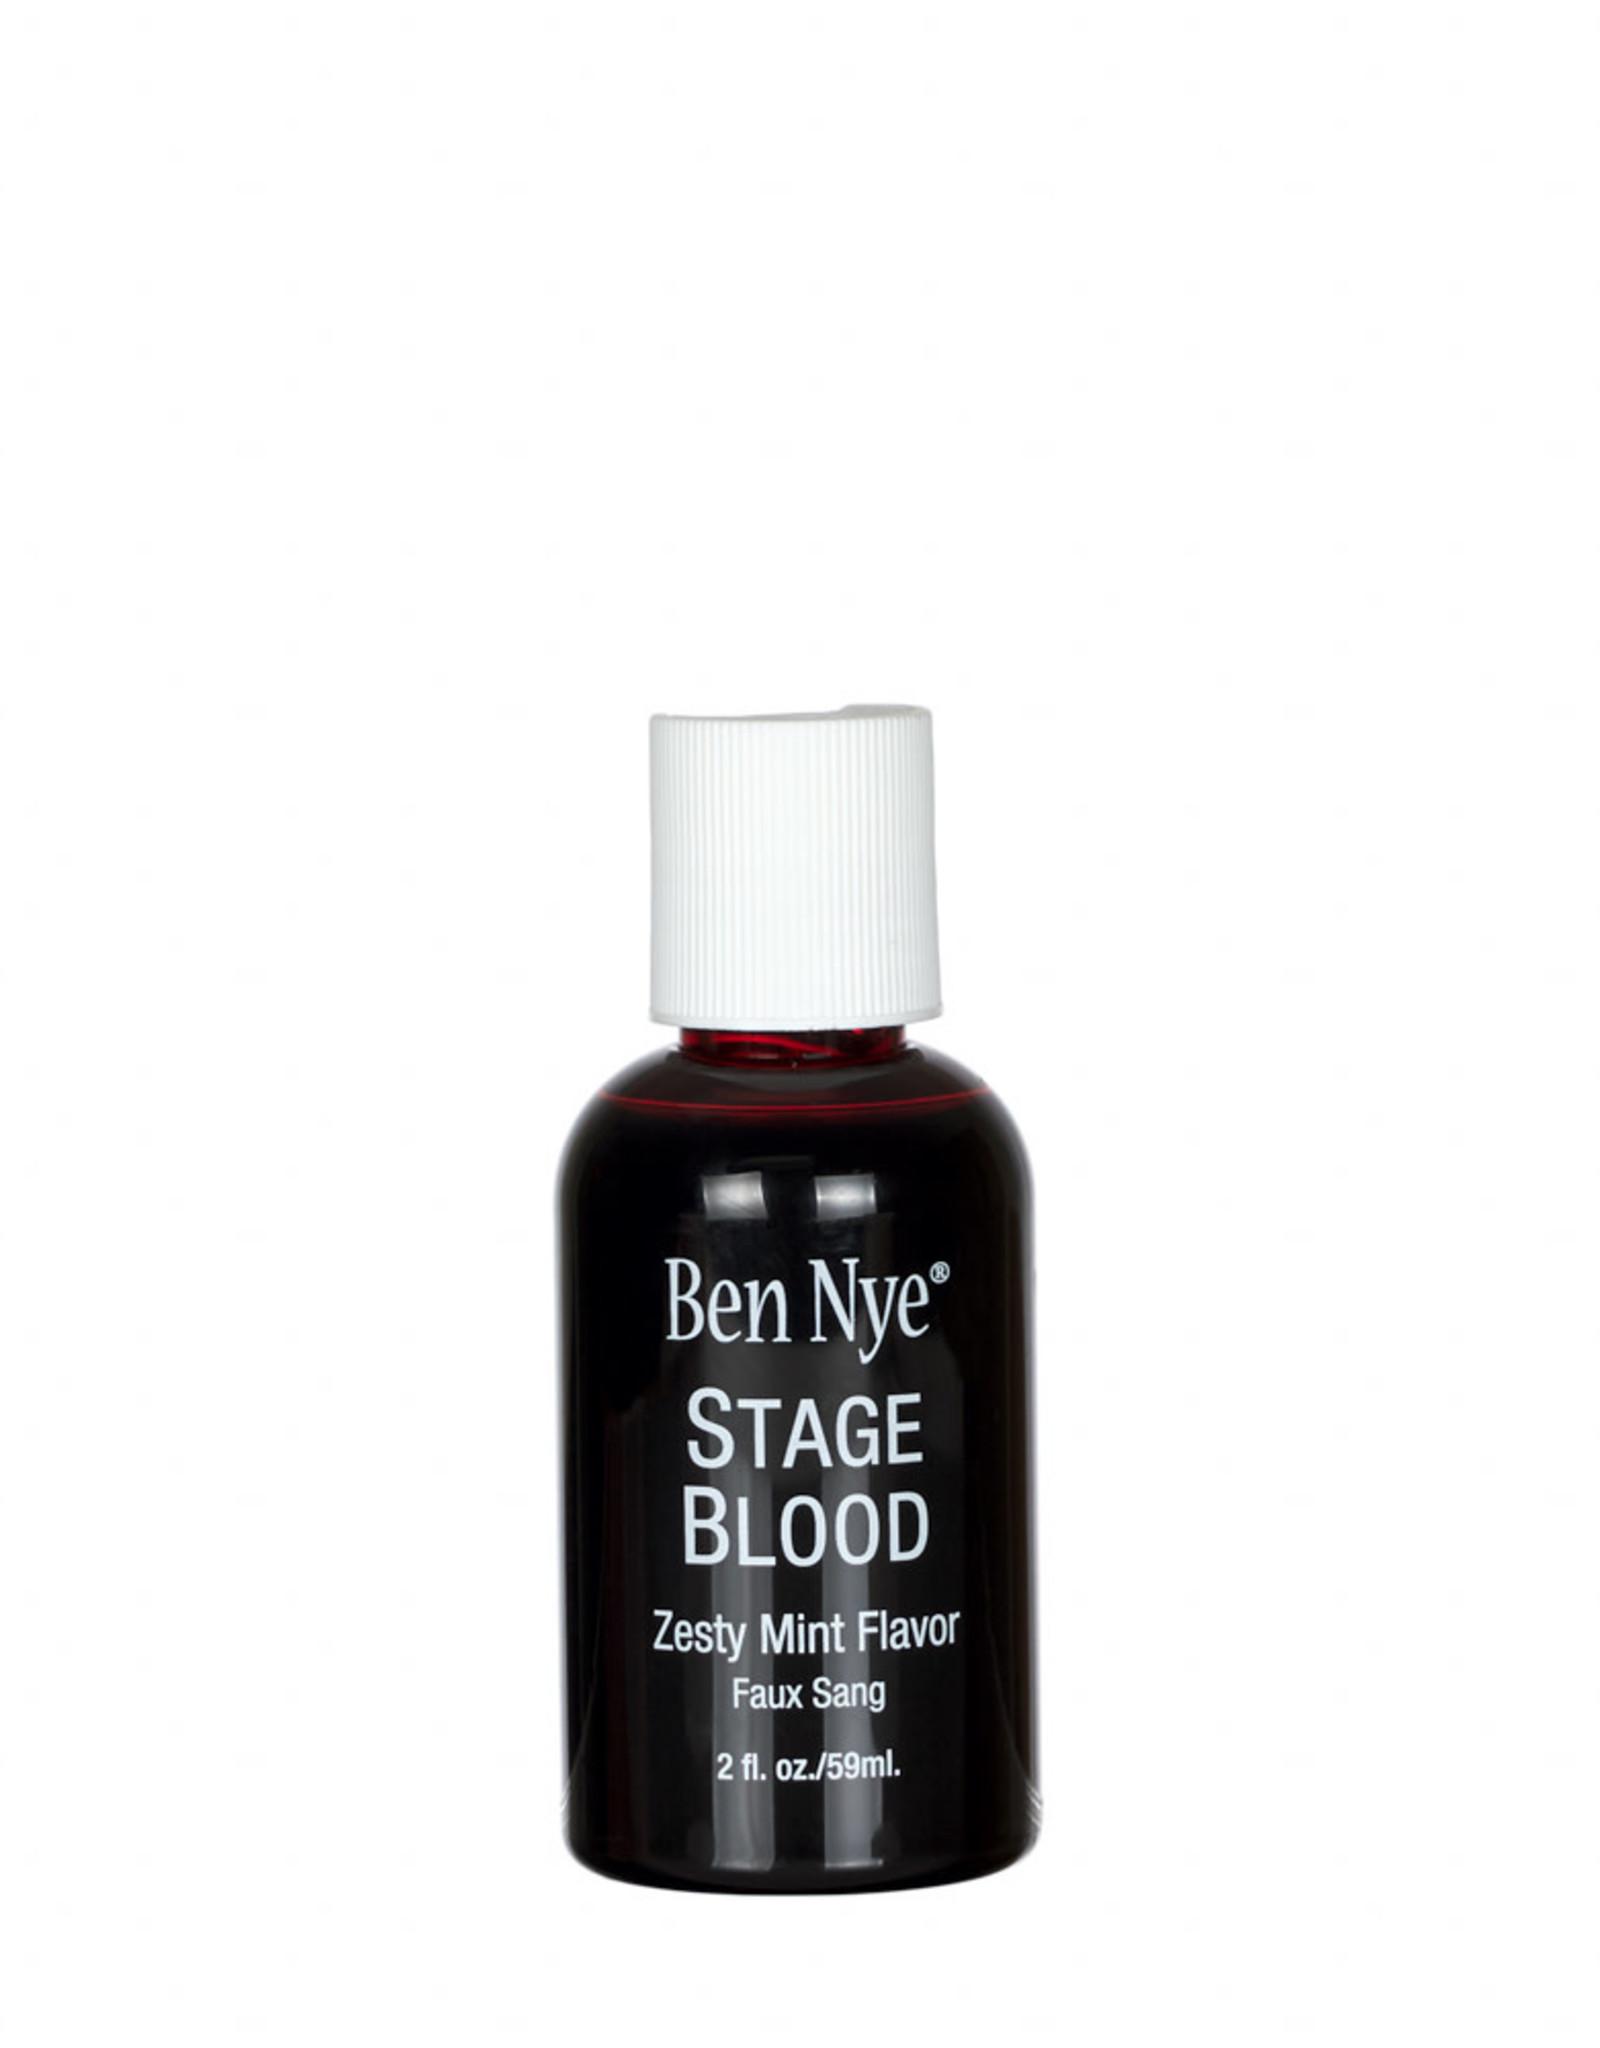 Ben Nye FX STAGE BLOOD, 2 FL OZ